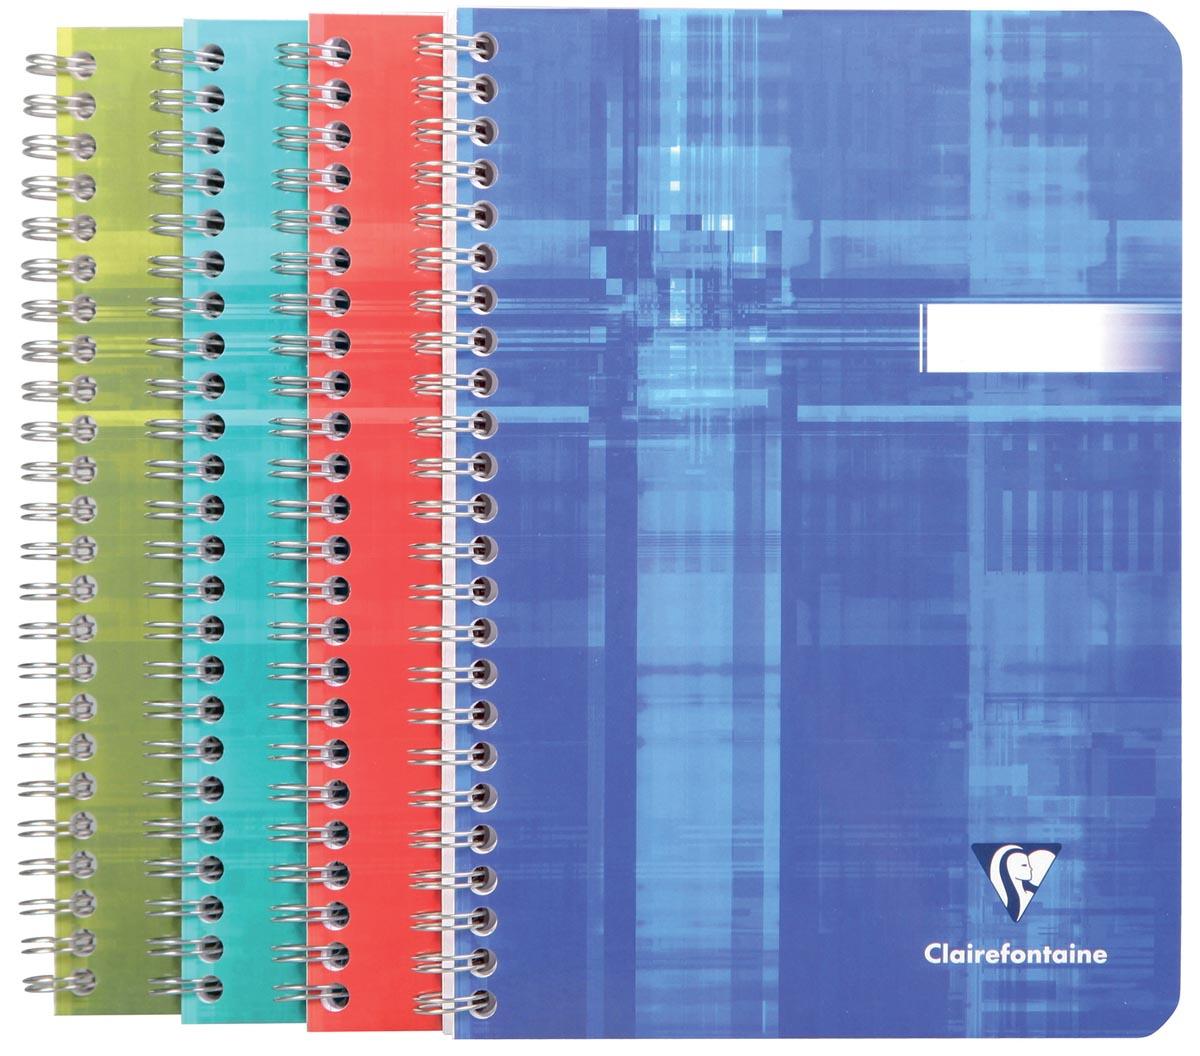 Clairefontaine schrift ft 14,8 x 21 cm, 180 bladzijden, gelijnd, spiraalbinding, geassorteerde kleur